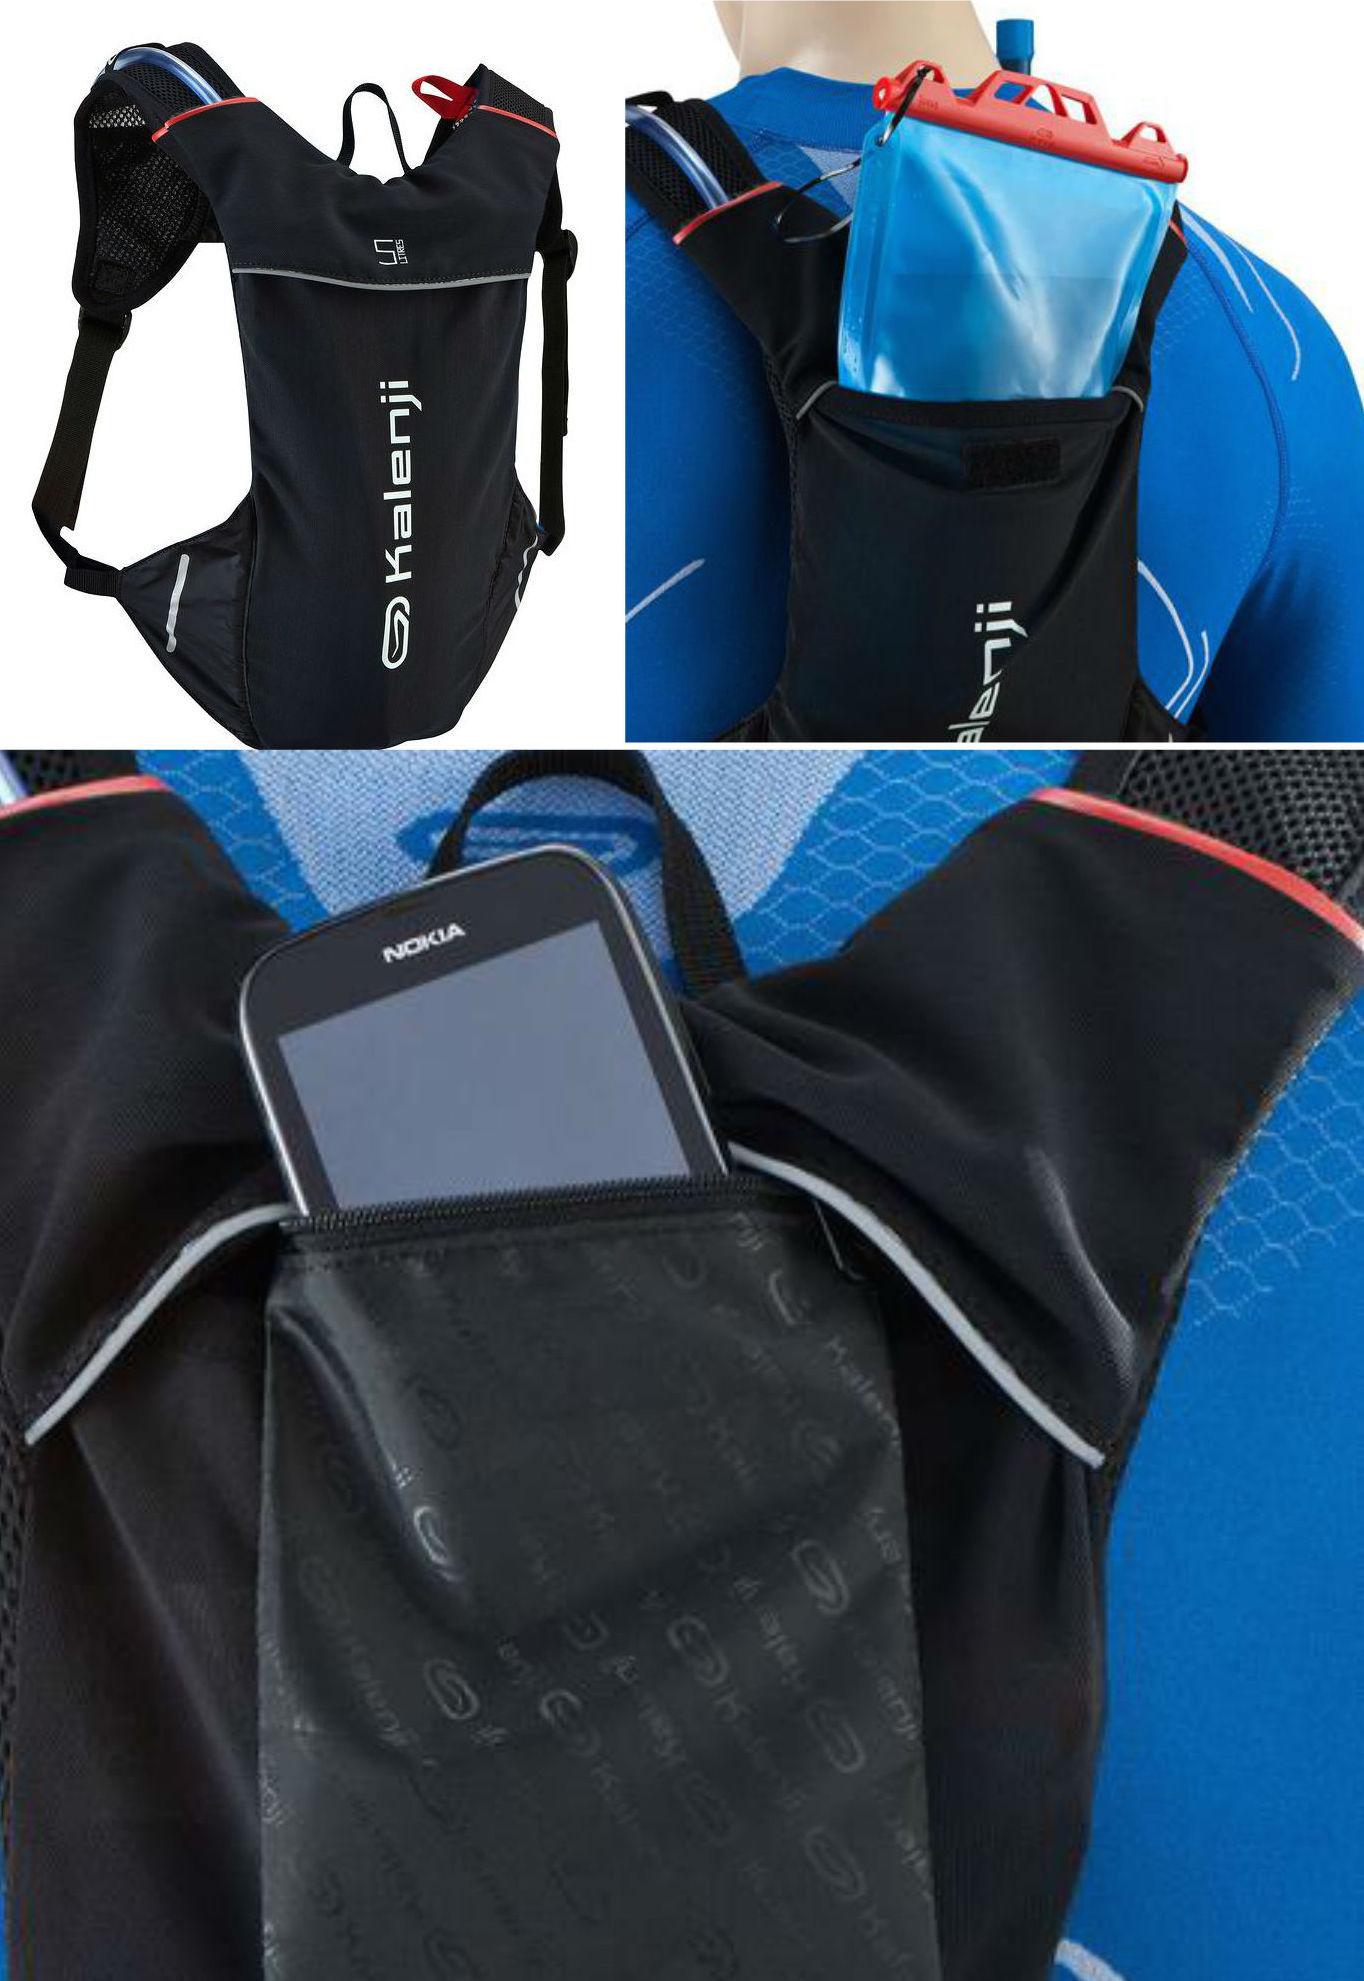 Обзор не гаджета. Выбираем лучший чехол для тренировок и другие аксессуары для смартфонов: повязки, сумки и силиконовый карман Adidas - 10